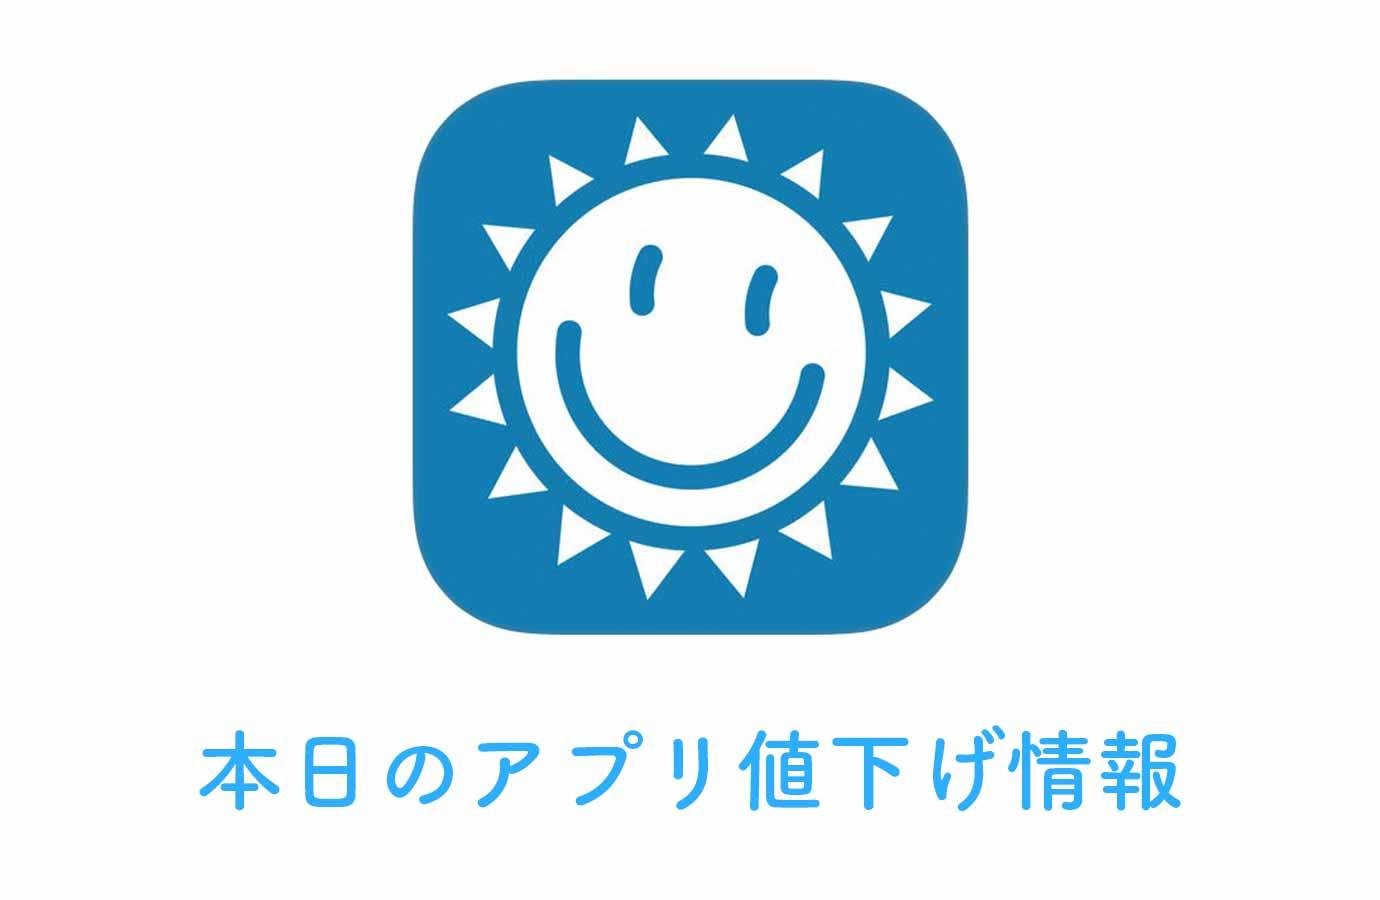 360円→無料!天候によってアニメーションがかわるお天気アプリ「YoWindow 天候」など【11/8】アプリ値下げ情報